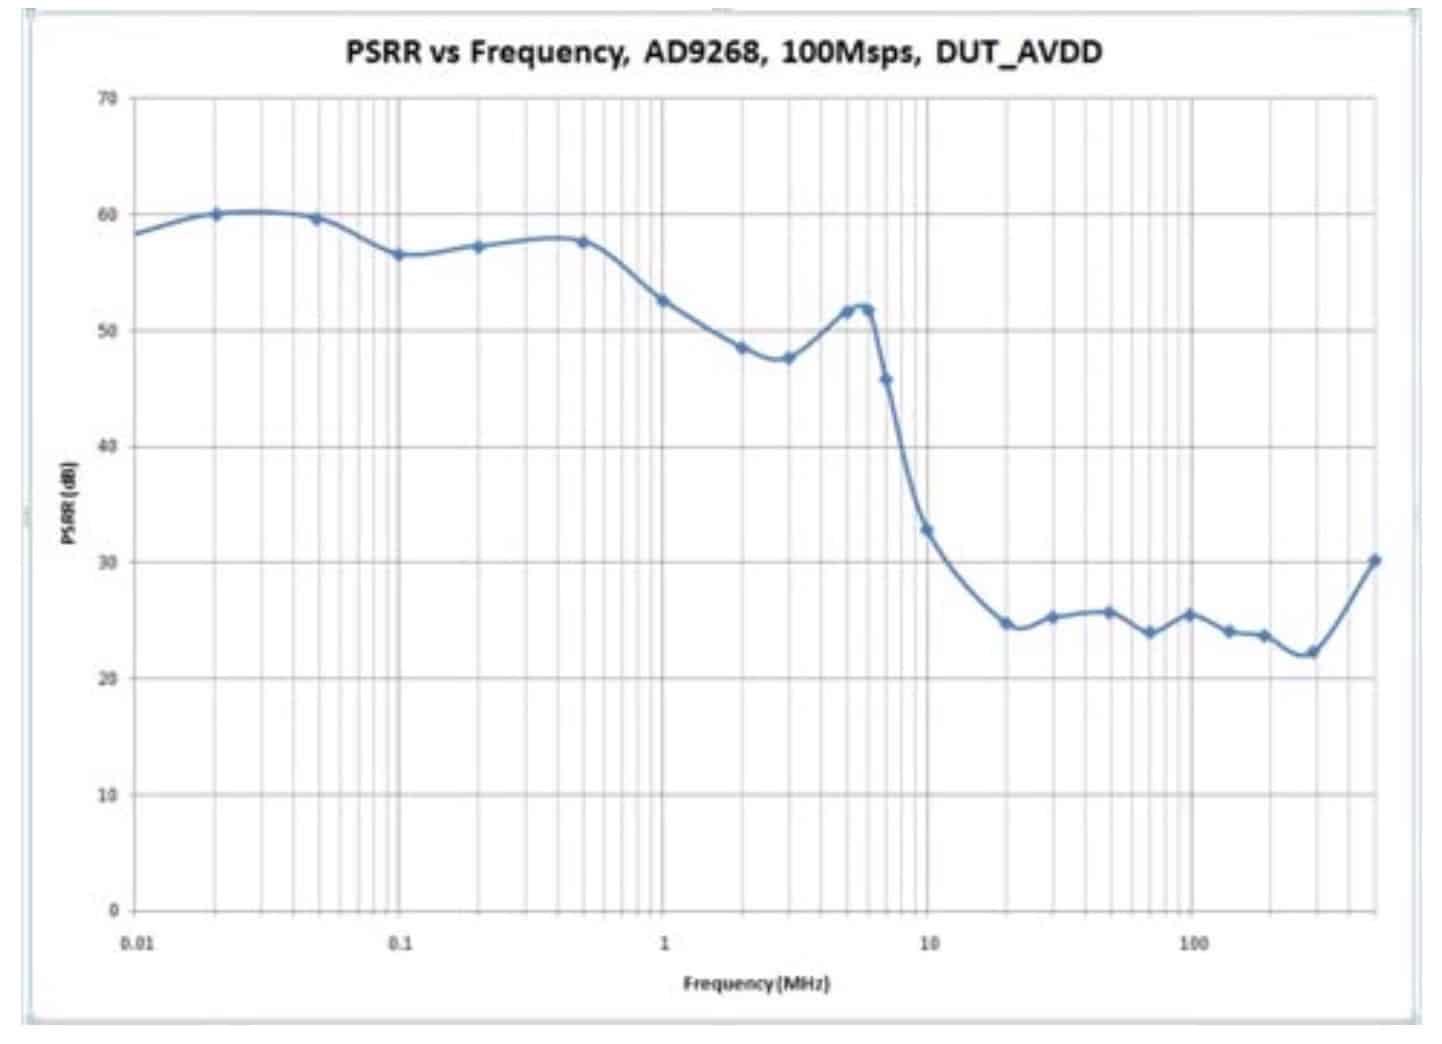 图 1. 典型 ADC 电源抑制比与频率的关系